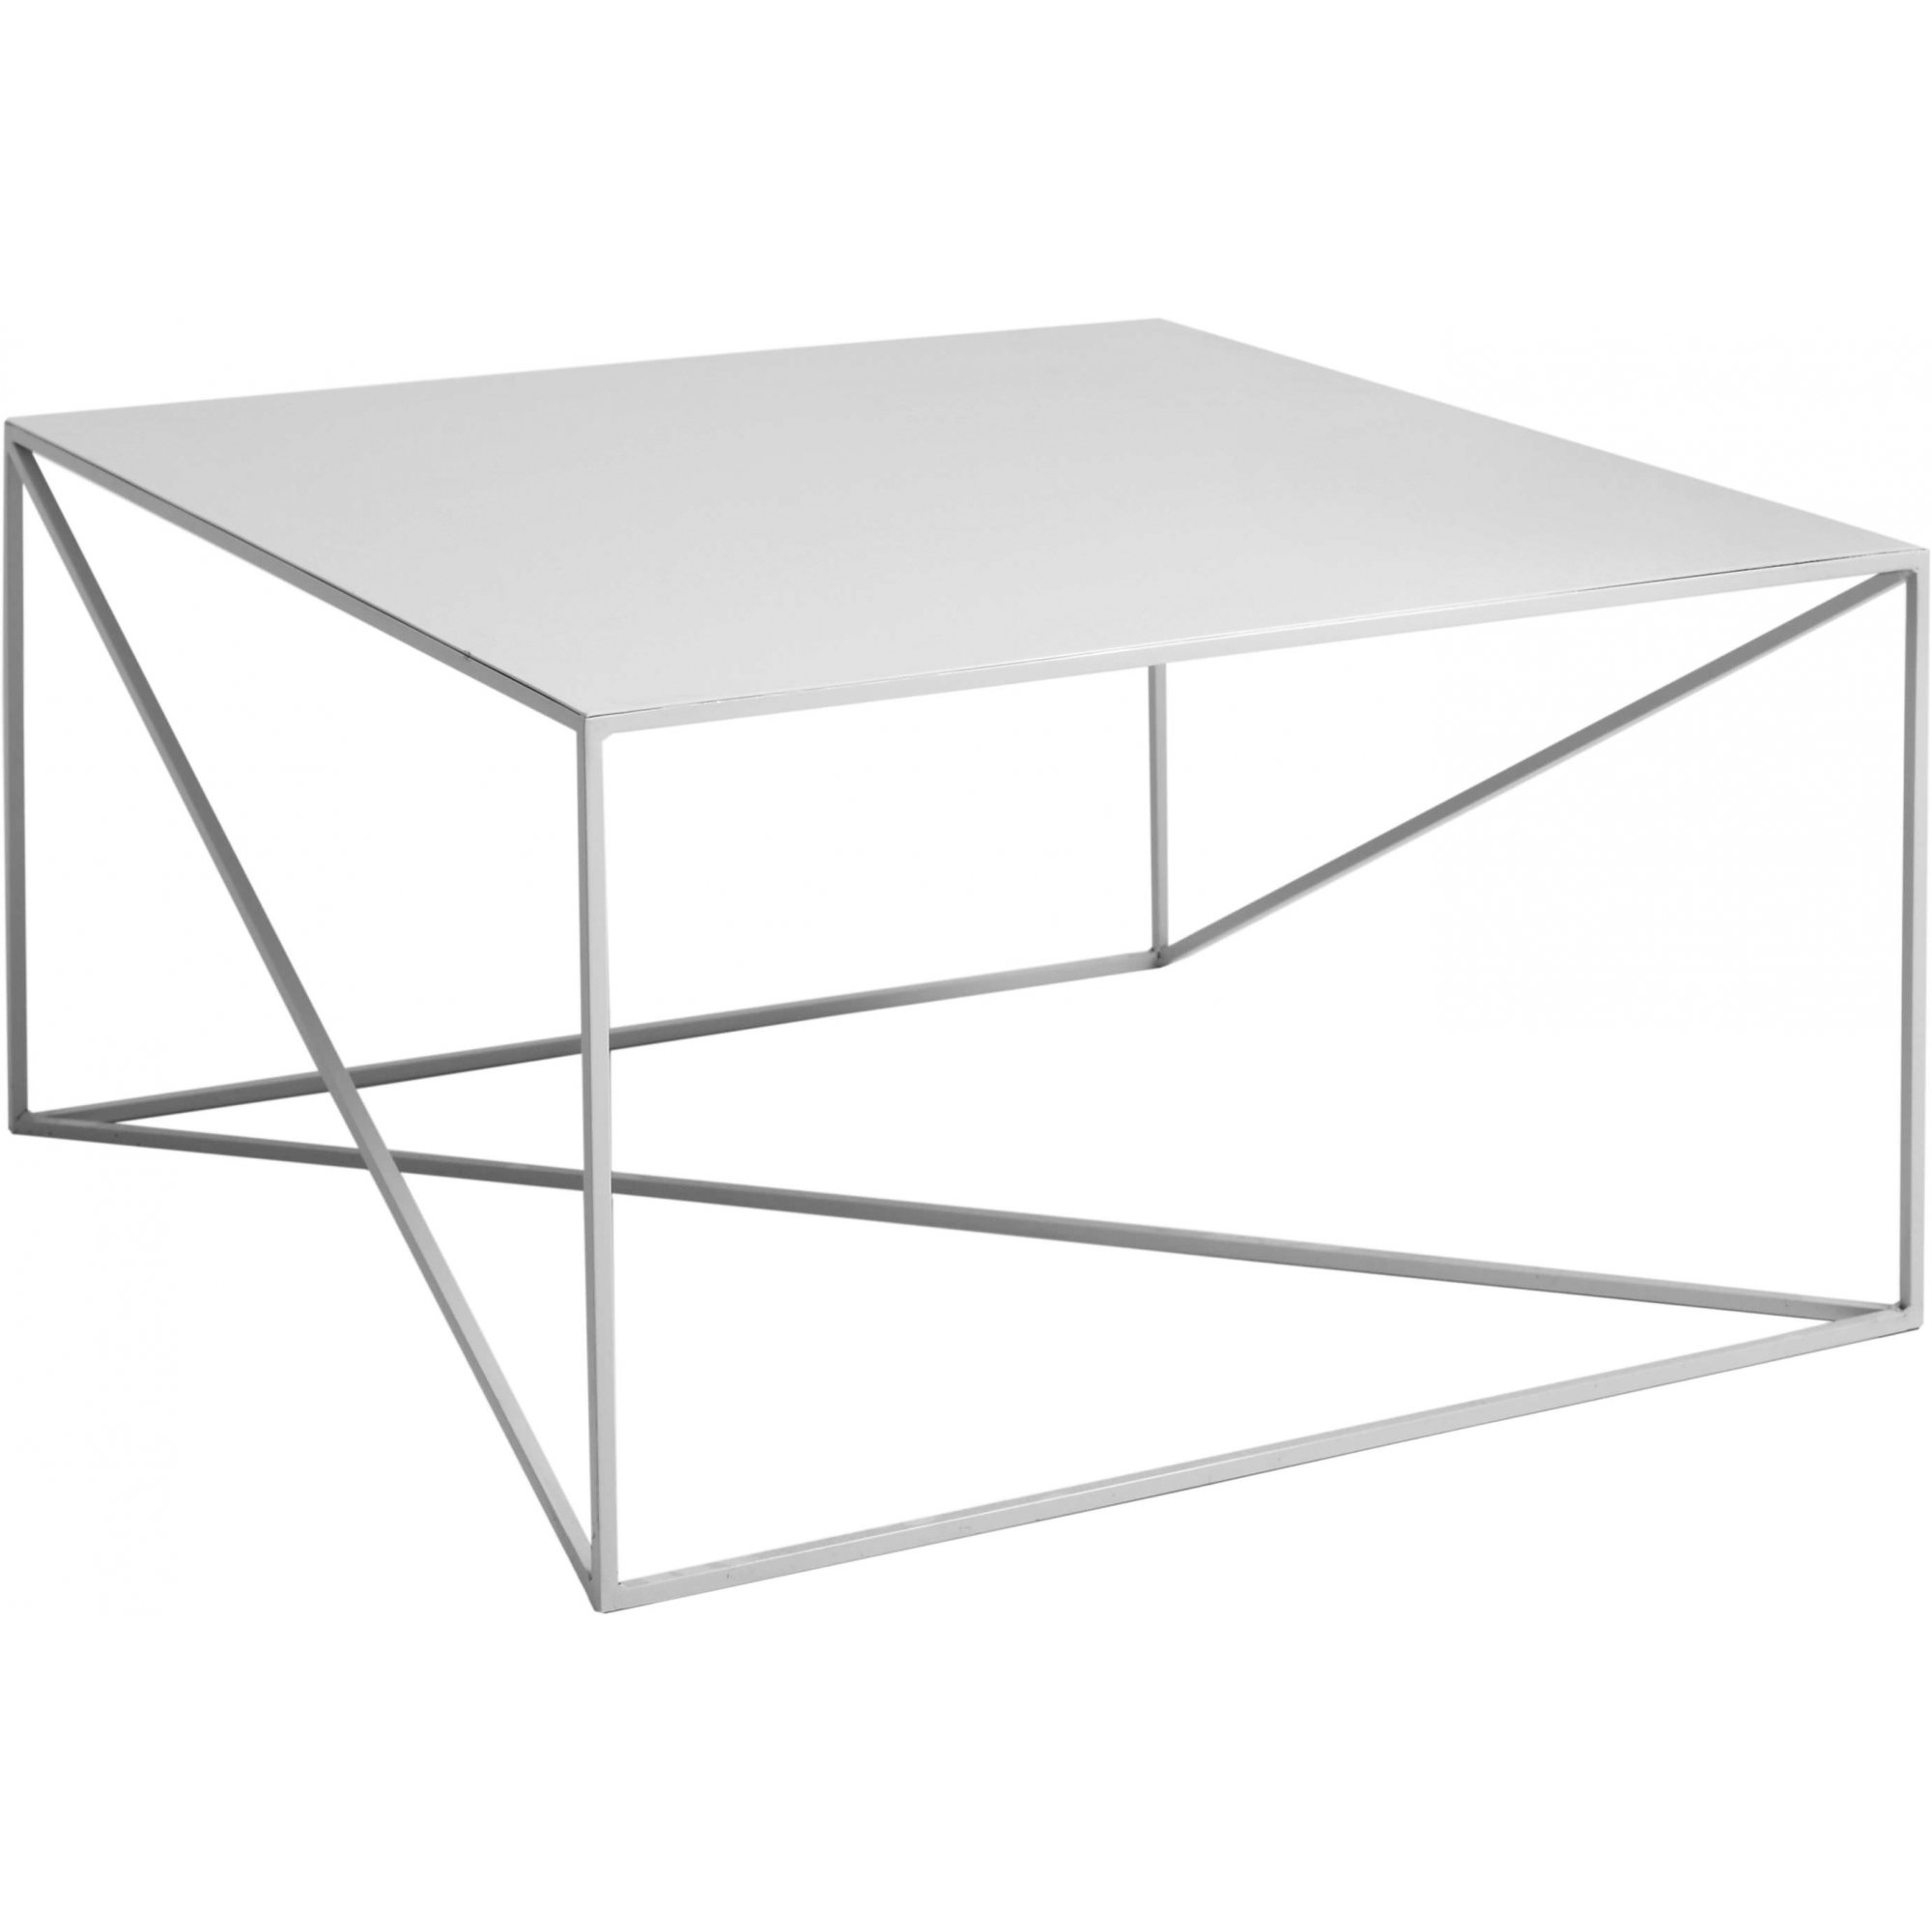 maison du monde Table basse carré en métal gris l80cm